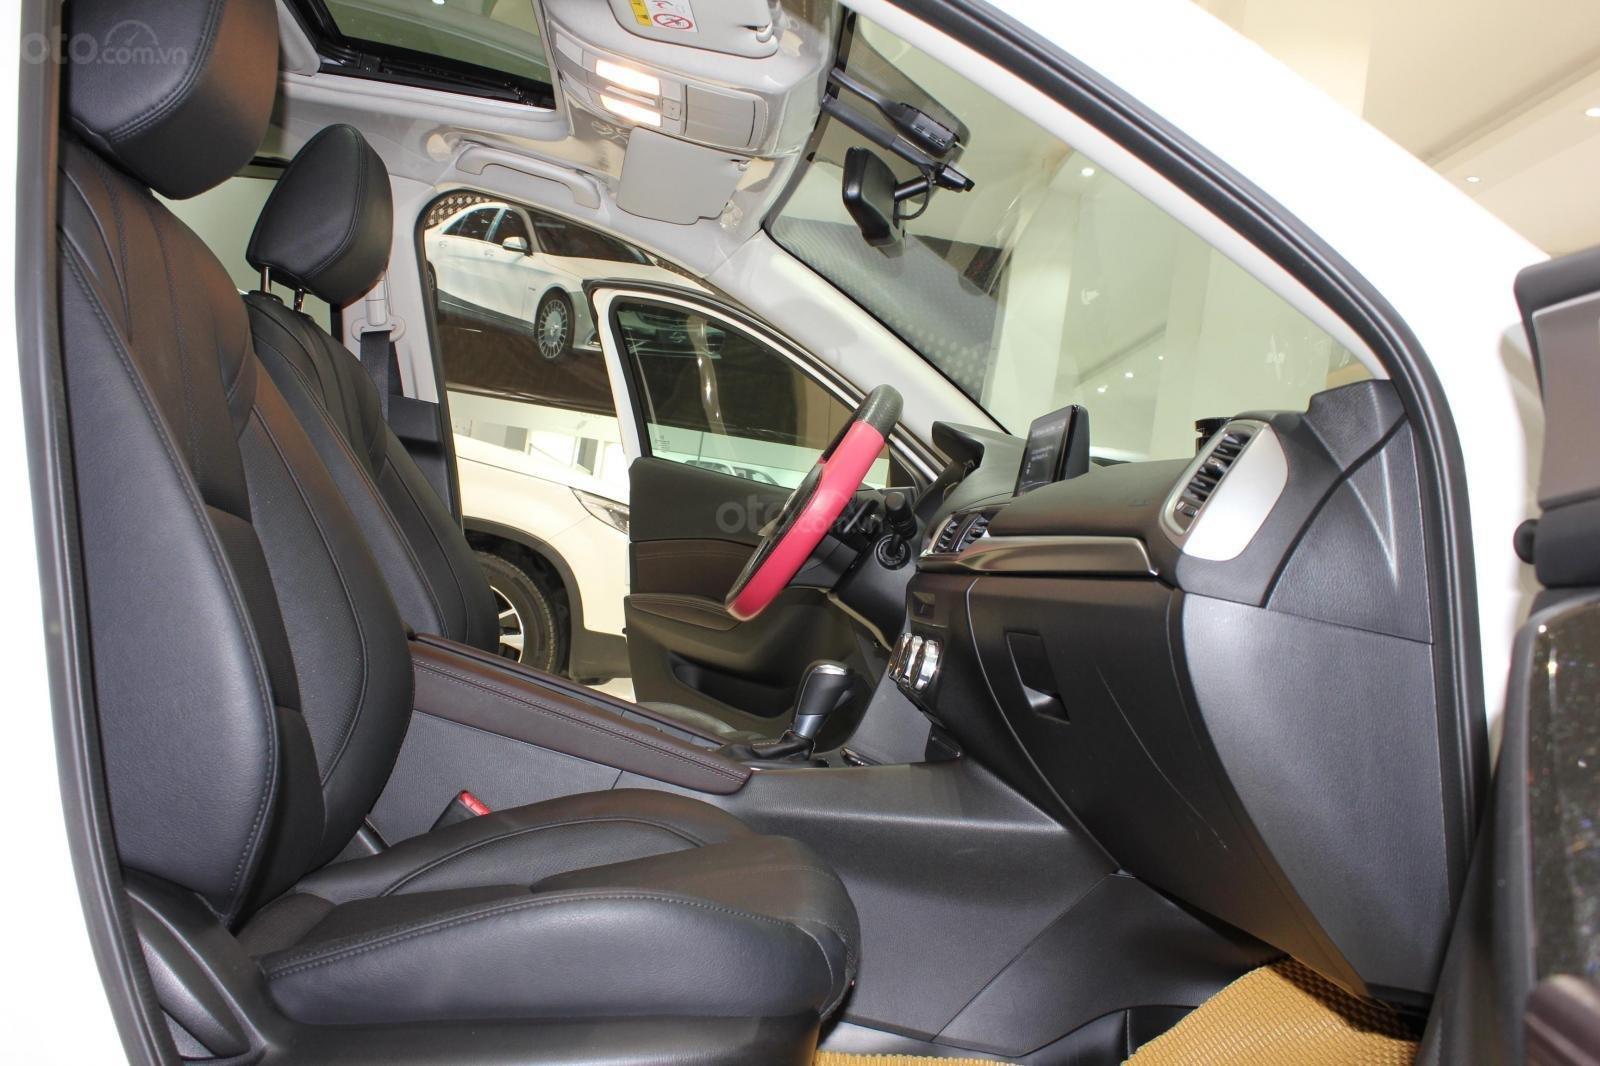 Bán Mazda 3 1.5L sản xuất năm 2017, màu trắng, giá thương lượng, 0347420233 (13)